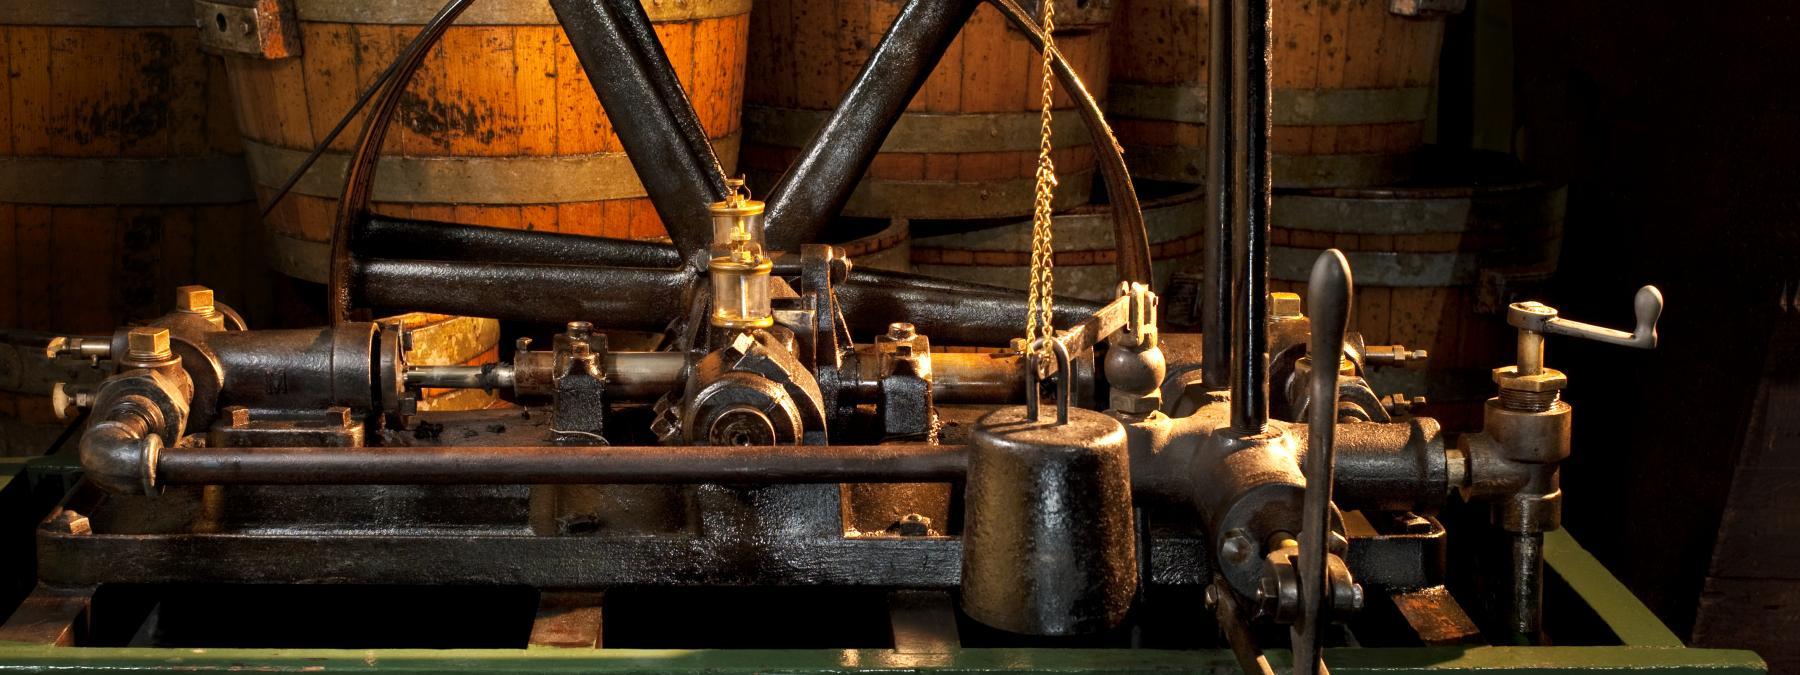 1889 Boomer & Boschert Water Pump